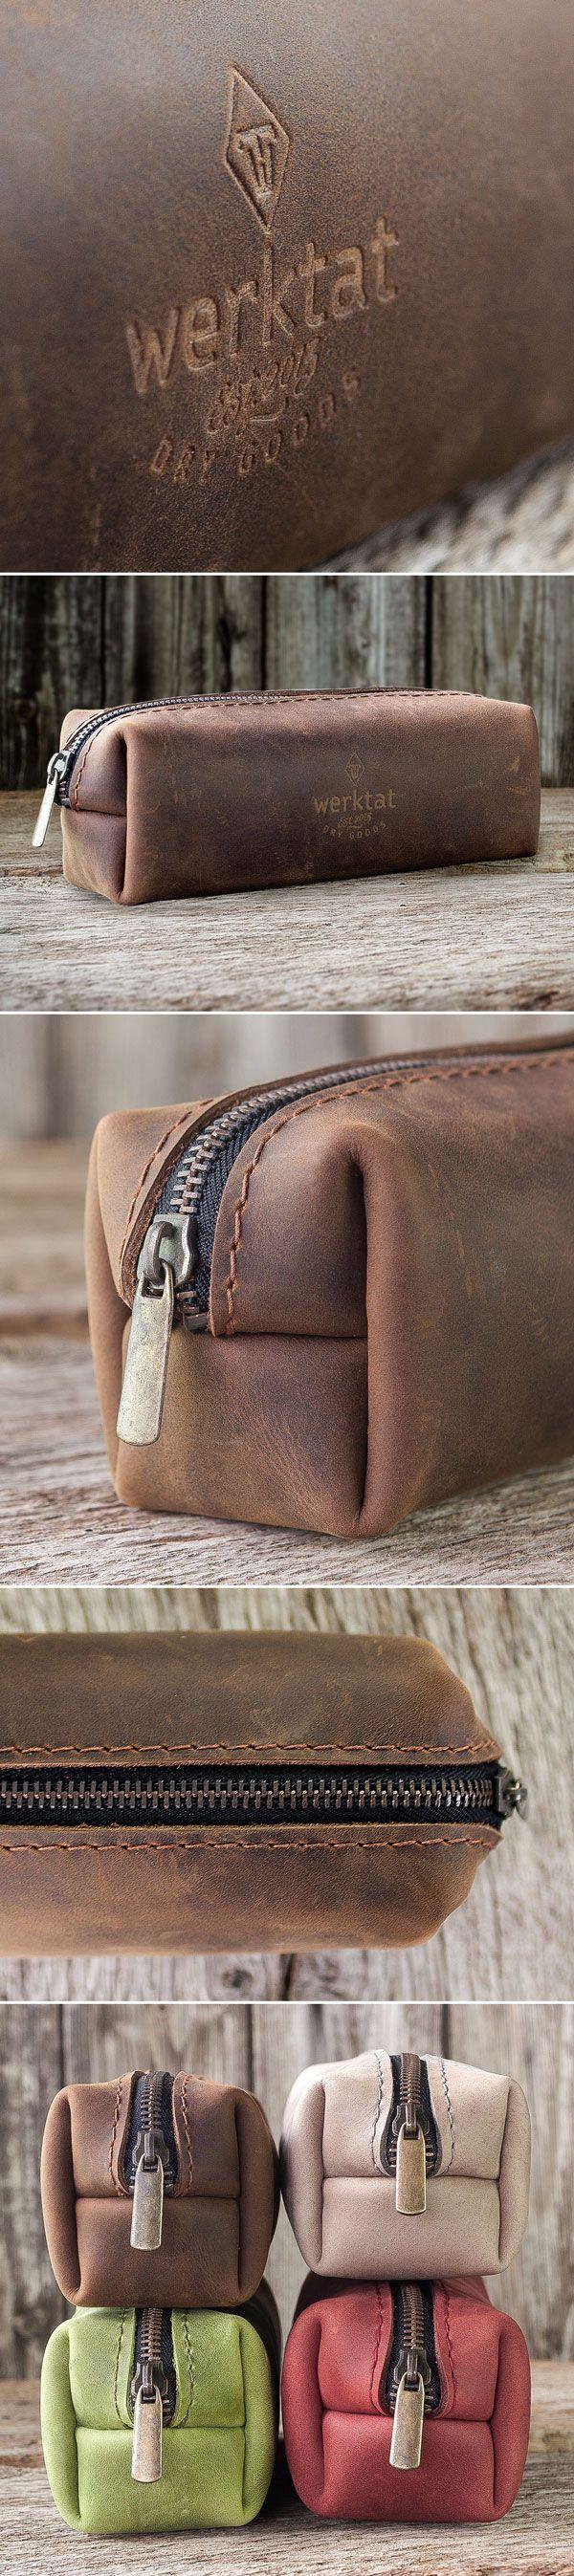 pencil case for men, Ledermäppchen für Herren, braun #pencil #case #leather #men #mäppchen #ledermäppchen #leder #Herren #braun #brown